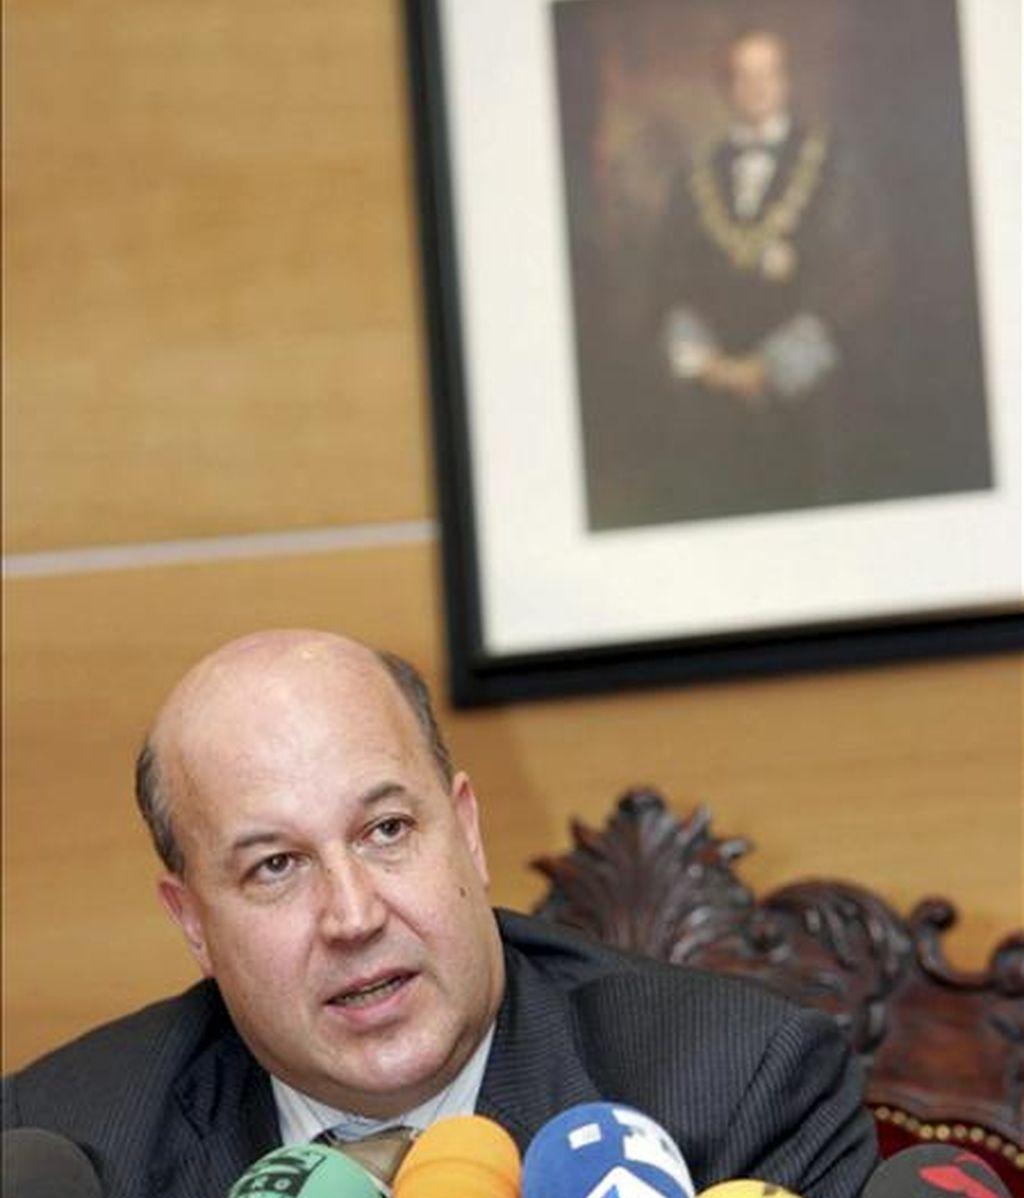 El fiscal jefe del Tribunal Superior de Justicia del País Vasco, Juan Calparsoro. EFE/Archivo